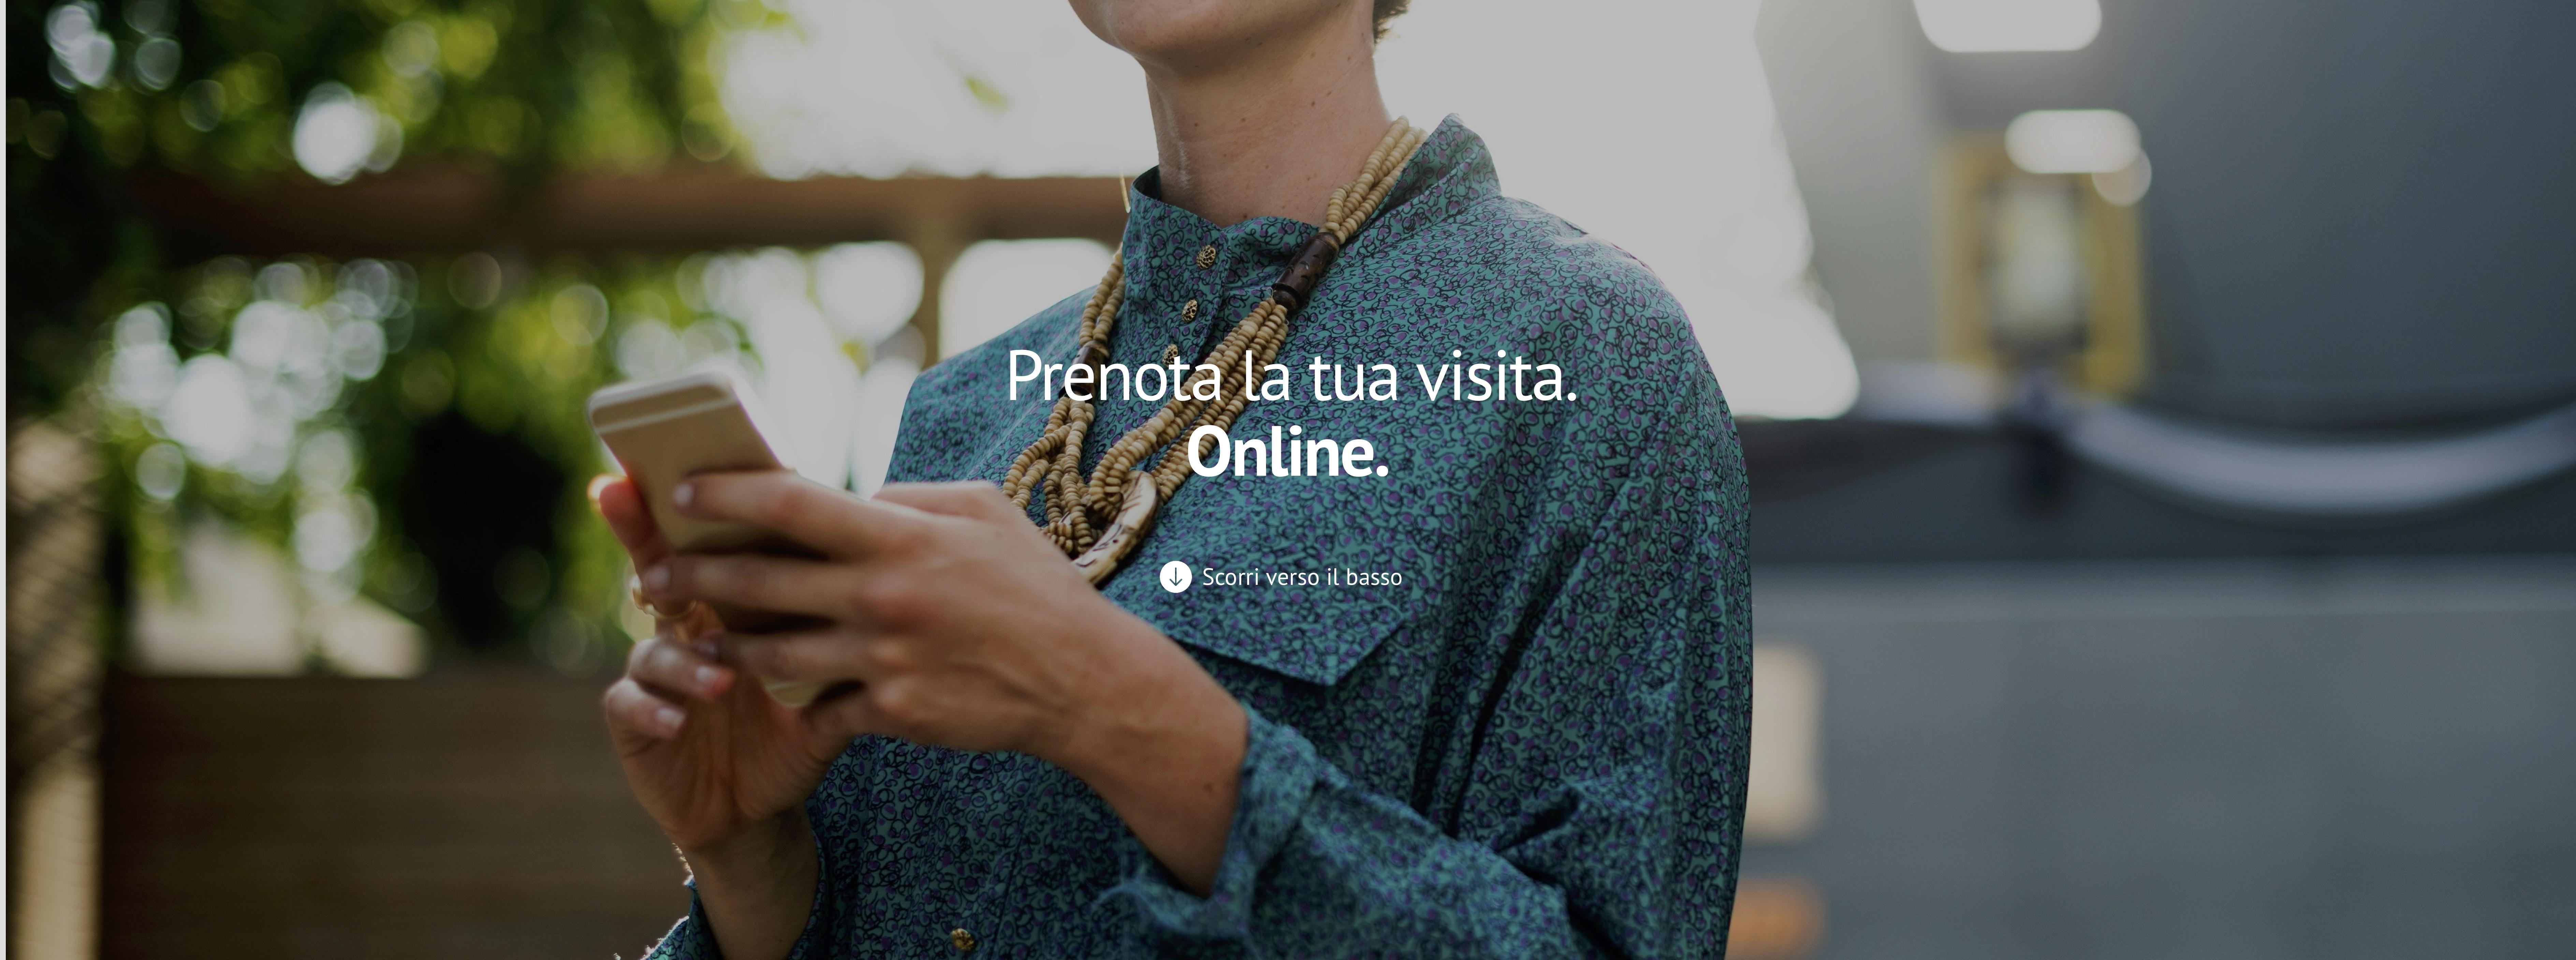 Prenota visita - Poliambulatorio Privato Saragozza 72e62b4369f